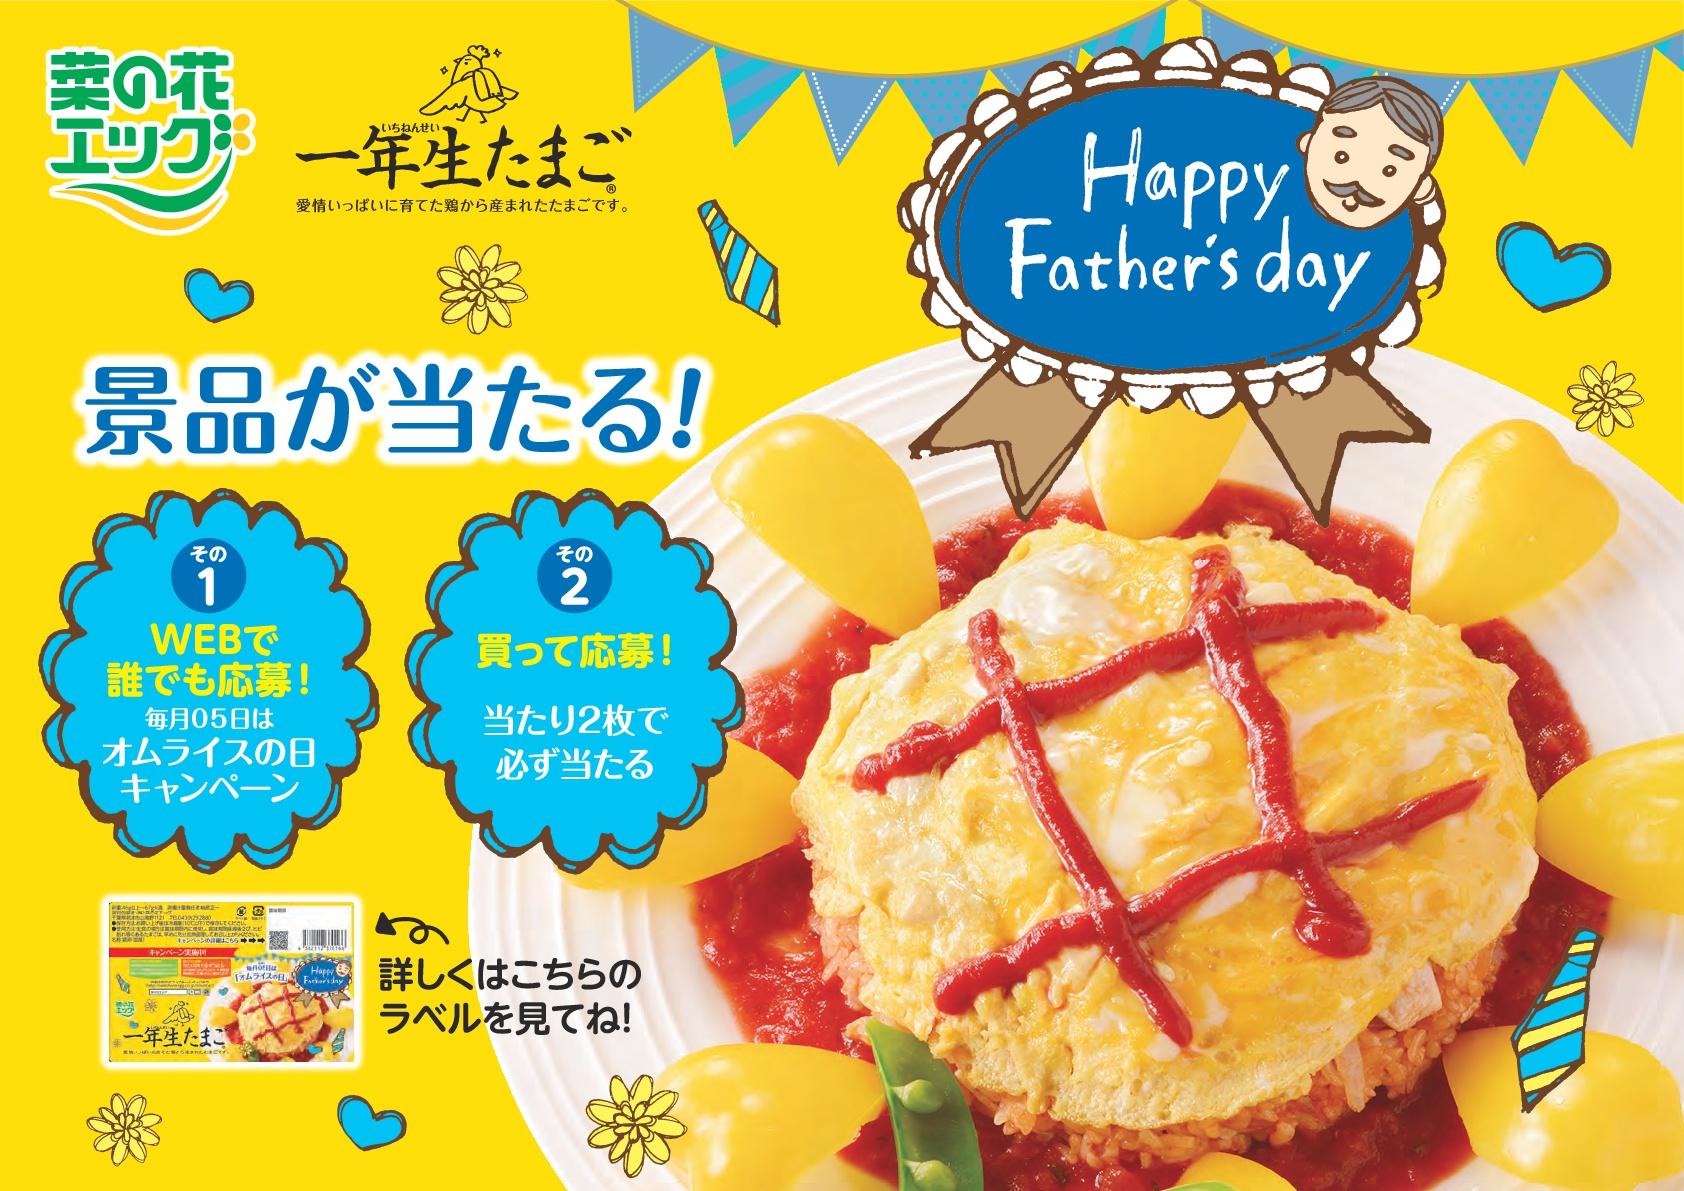 【納品データ】POP2017.5.22-001